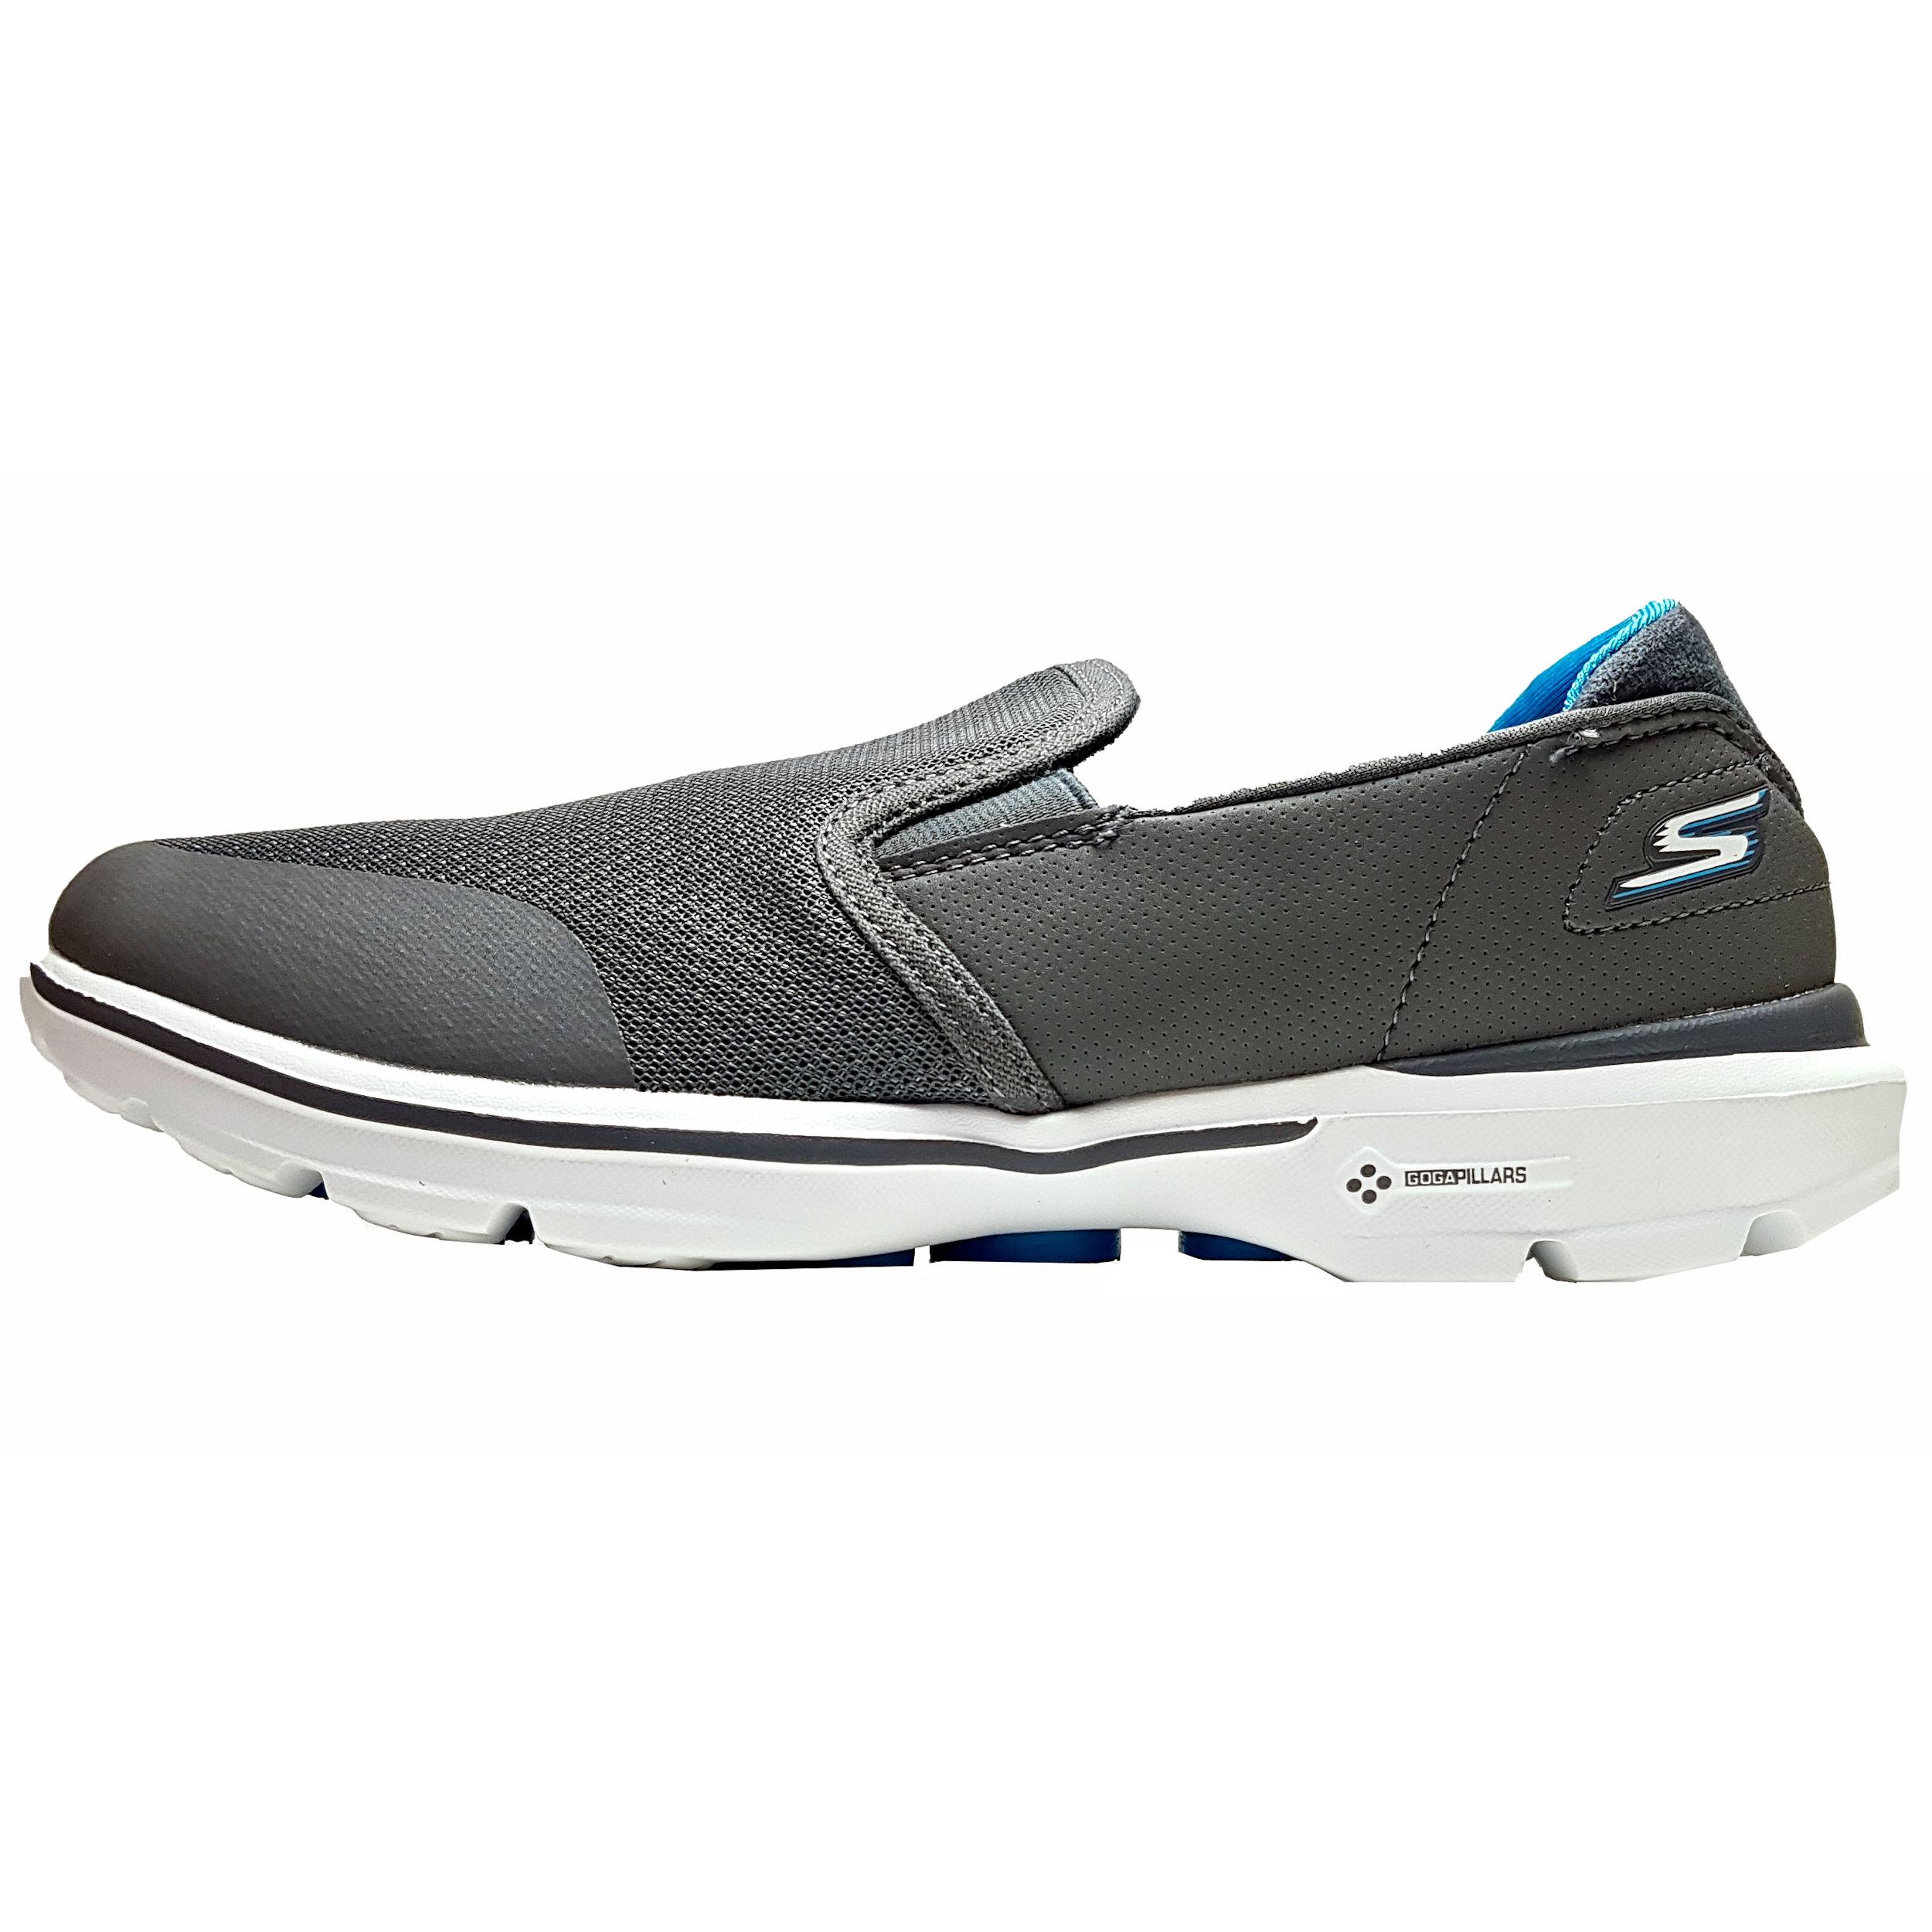 خرید                     کفش مخصوص پیاده روی  زنانه اسکچرز مدل Go Walk 3